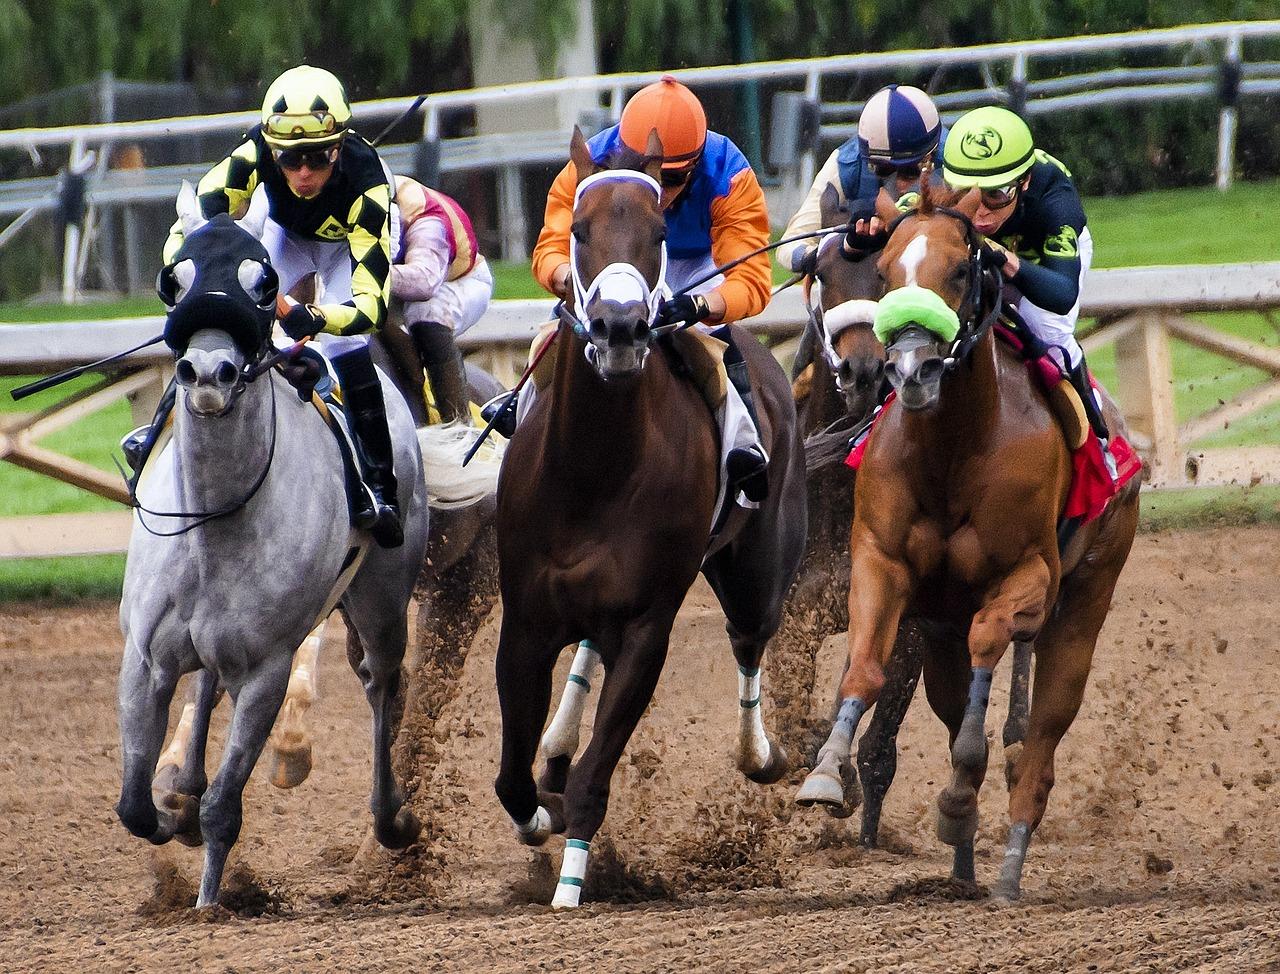 30 Millions d'amis interpelle le monde des courses après une vidéo sur un abattoir de chevaux